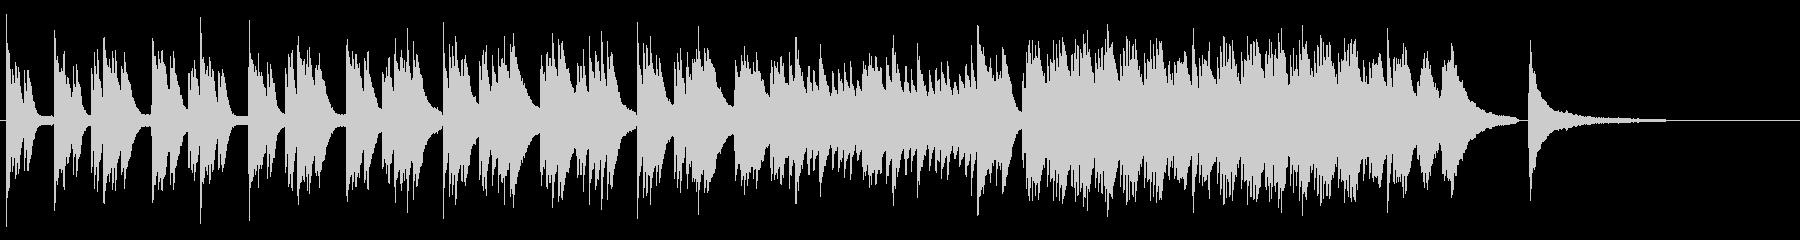 企業VP 爽やかな使いやすいピアノソロの未再生の波形